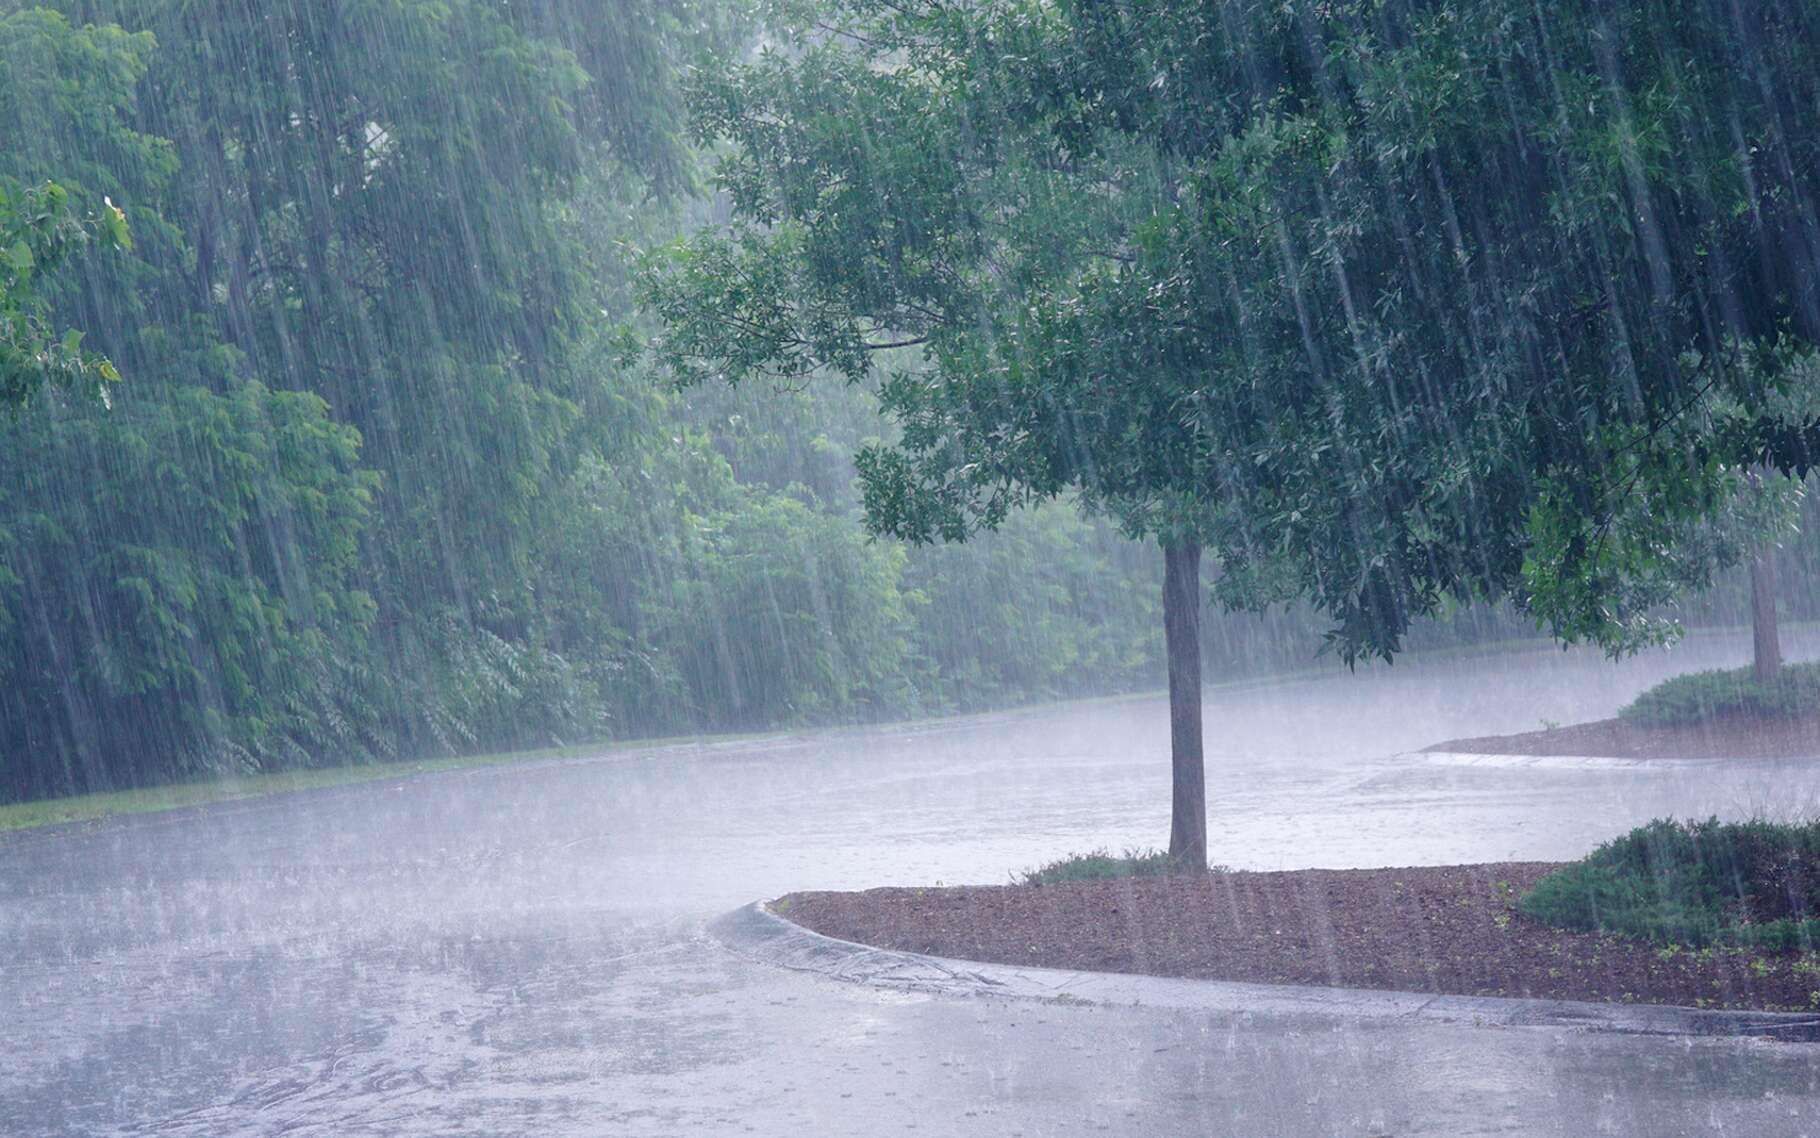 La sensation agréable que nous ressentons à l'odeur de la pluie serait héritée de notre passé d'agriculteur et de la joie ressentie lorsque la pluie revenait après une période de sécheresse. © nd700, Fotolia